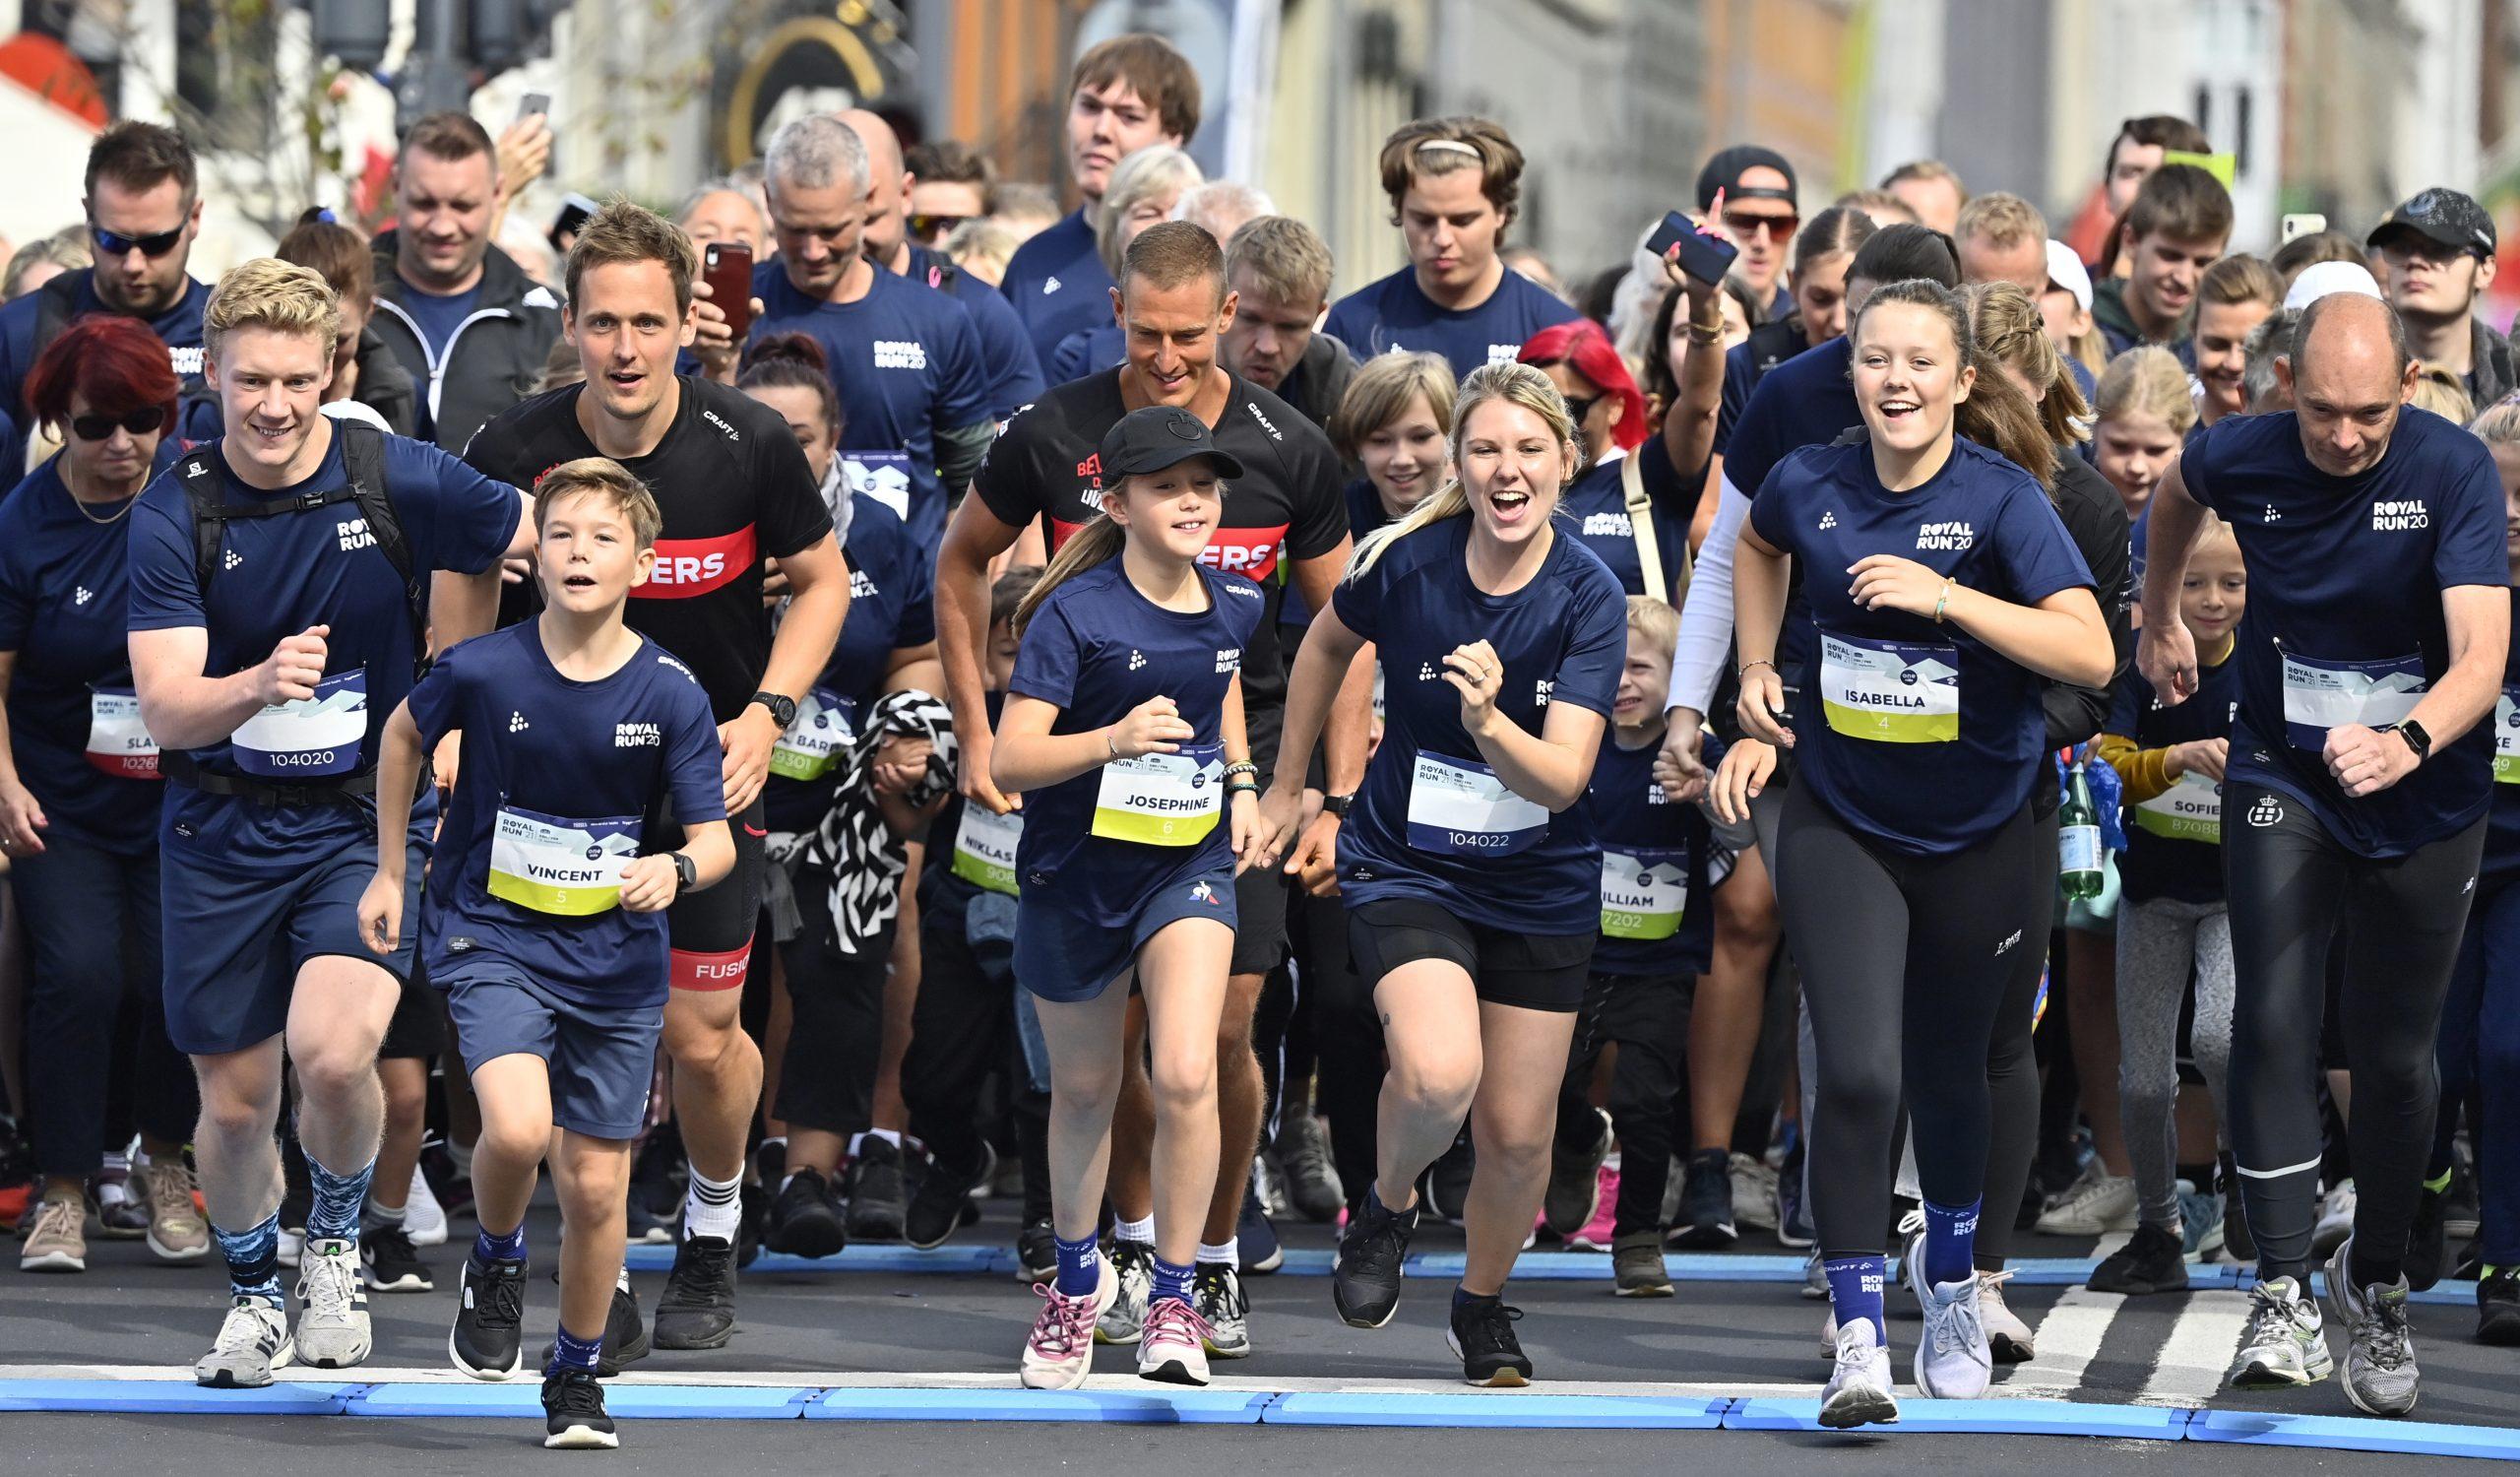 Fantastisk nyhed: Kronprins Frederik melder ny Royal Run-dato ud